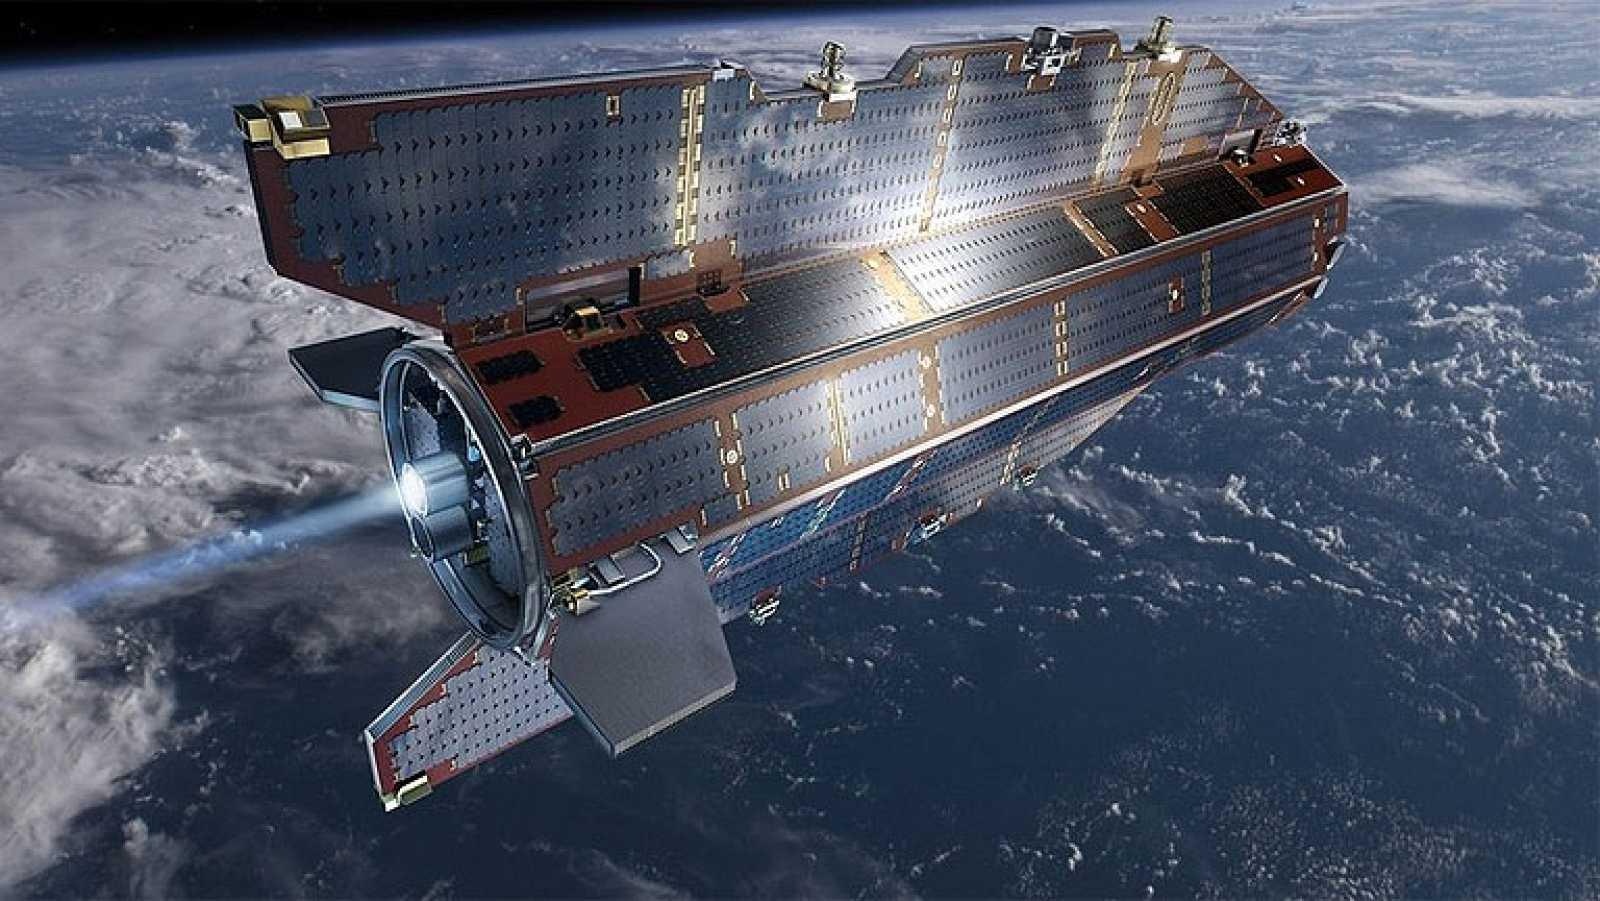 El satélite GOCE se desintegrará en la atmósfera y caerá sobre la Tierra en unas horas